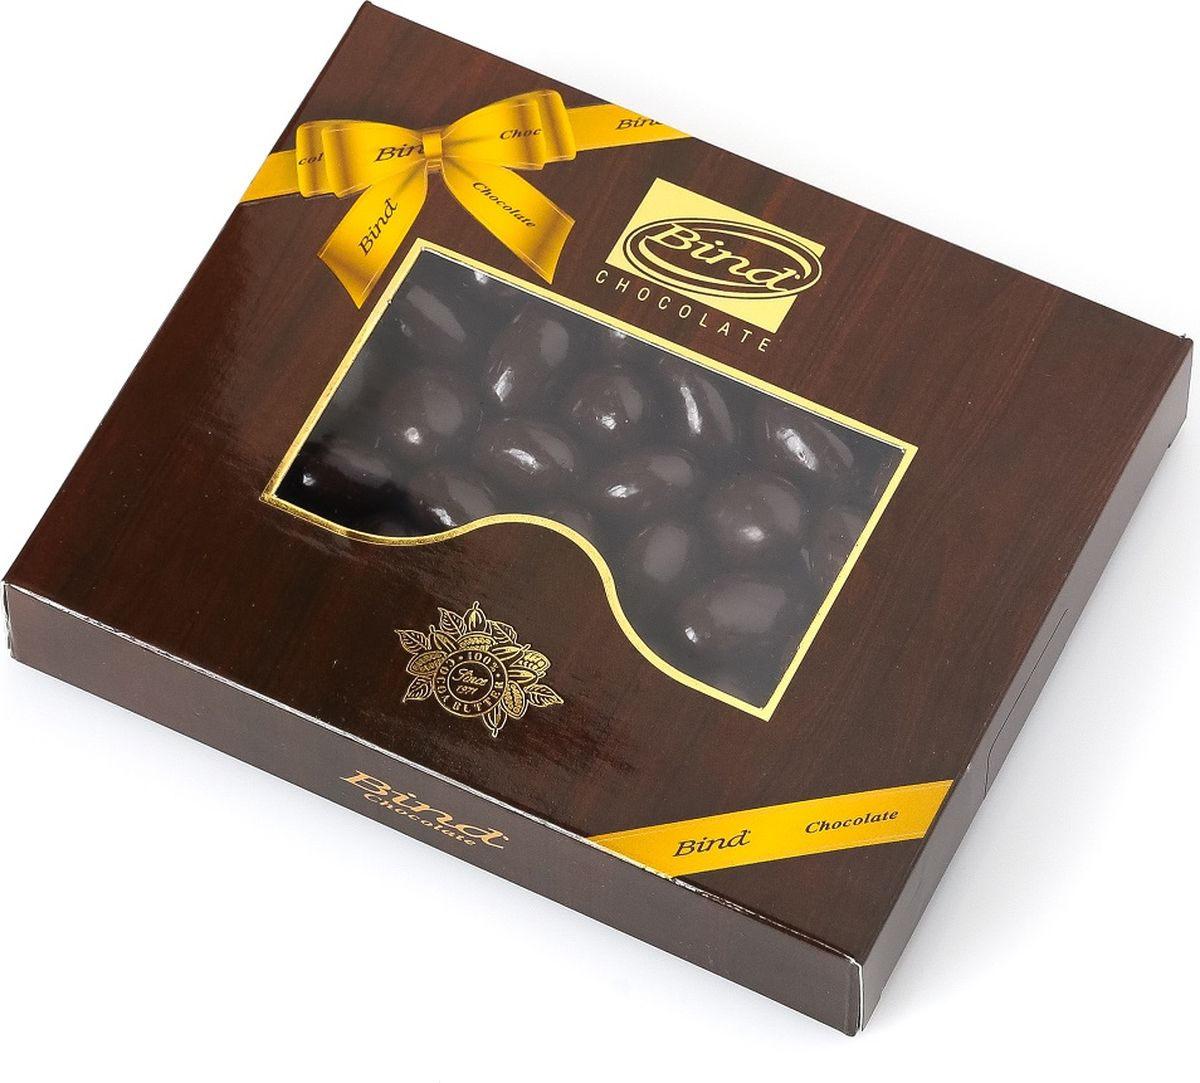 все цены на Bind драже с миндалем покрытое темным шоколадом, 100 г онлайн